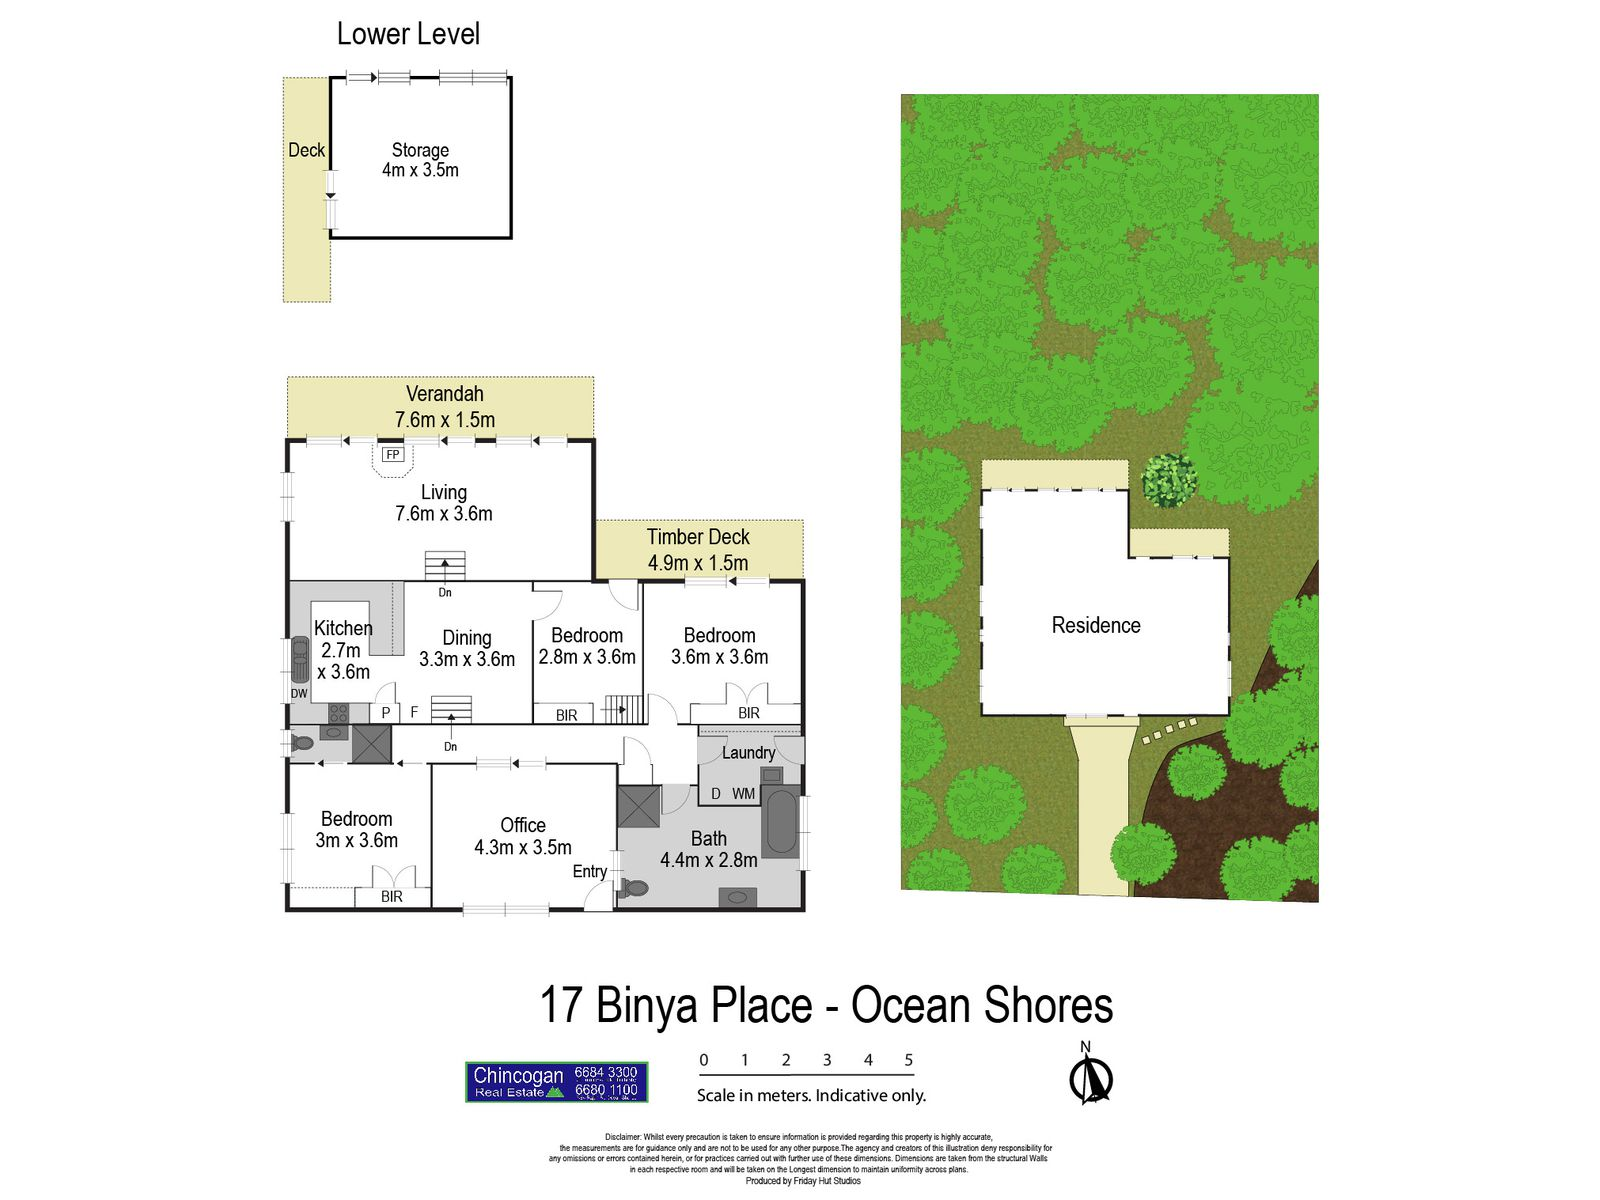 17 Binya Place, Ocean Shores